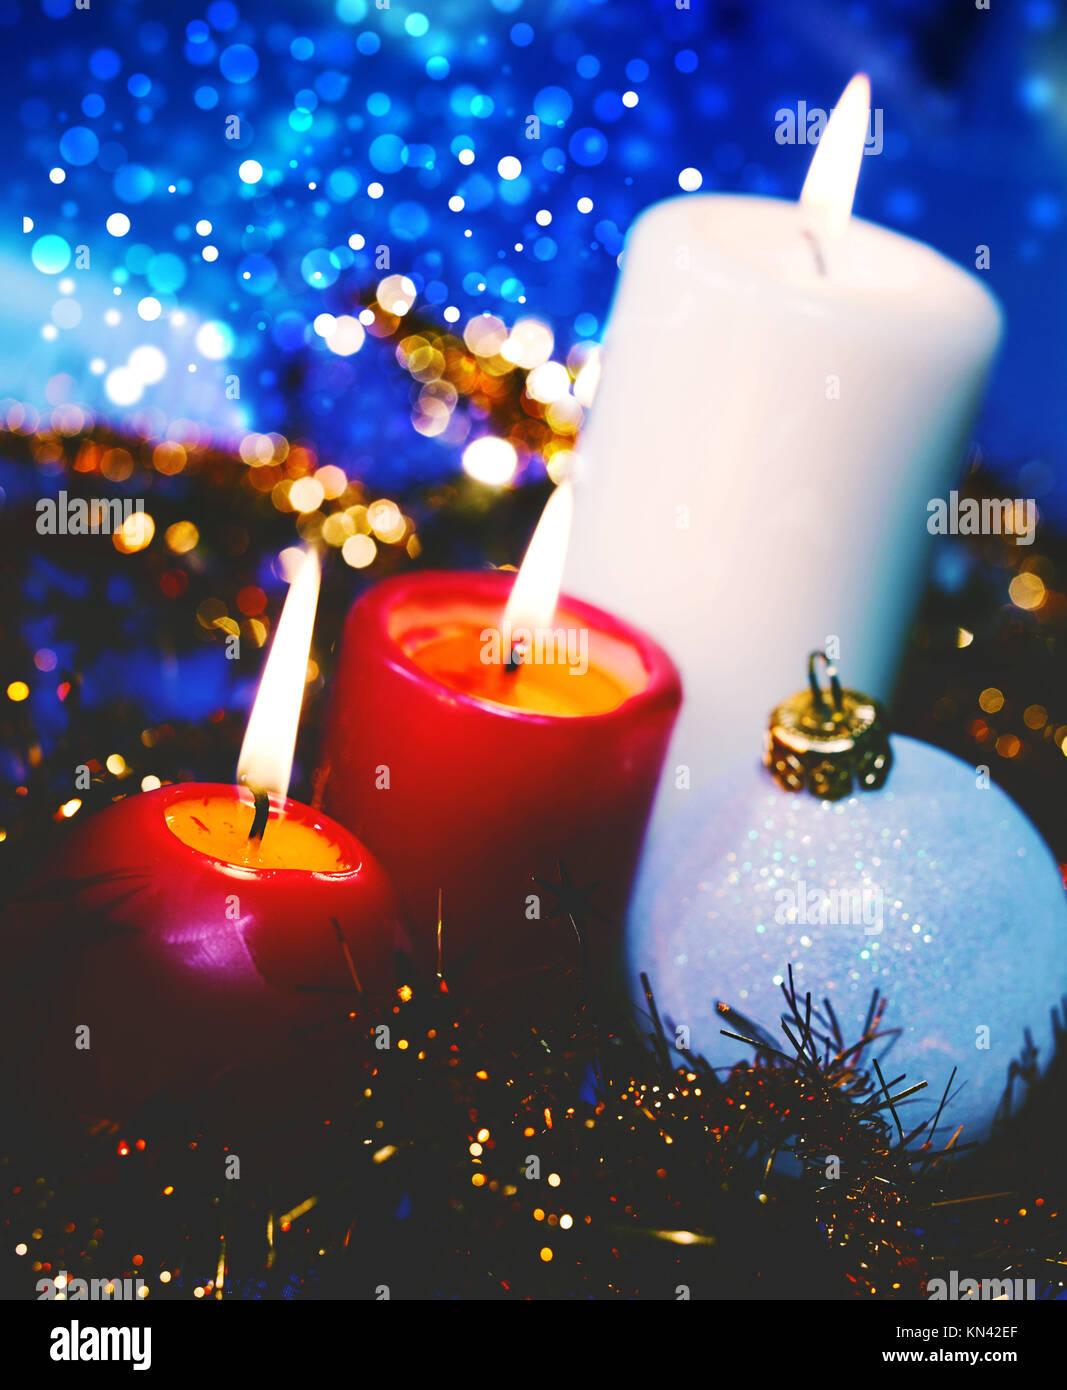 Weihnachten Hintergründe mit Kerzen und Girlande Stockbild